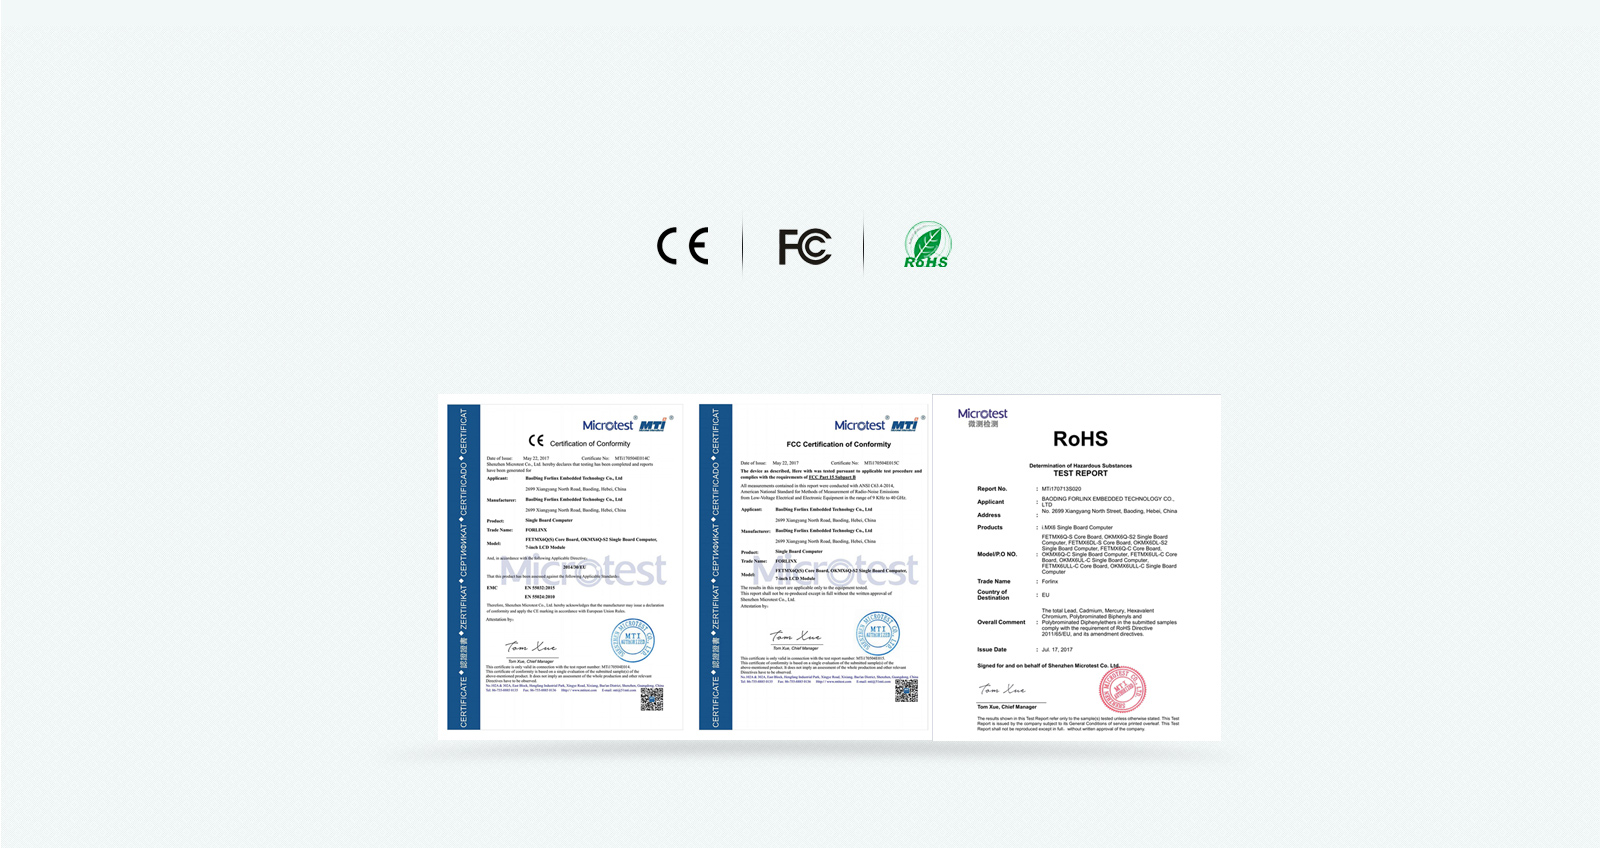 iMX6Q 通过CE FCC RoHSren证